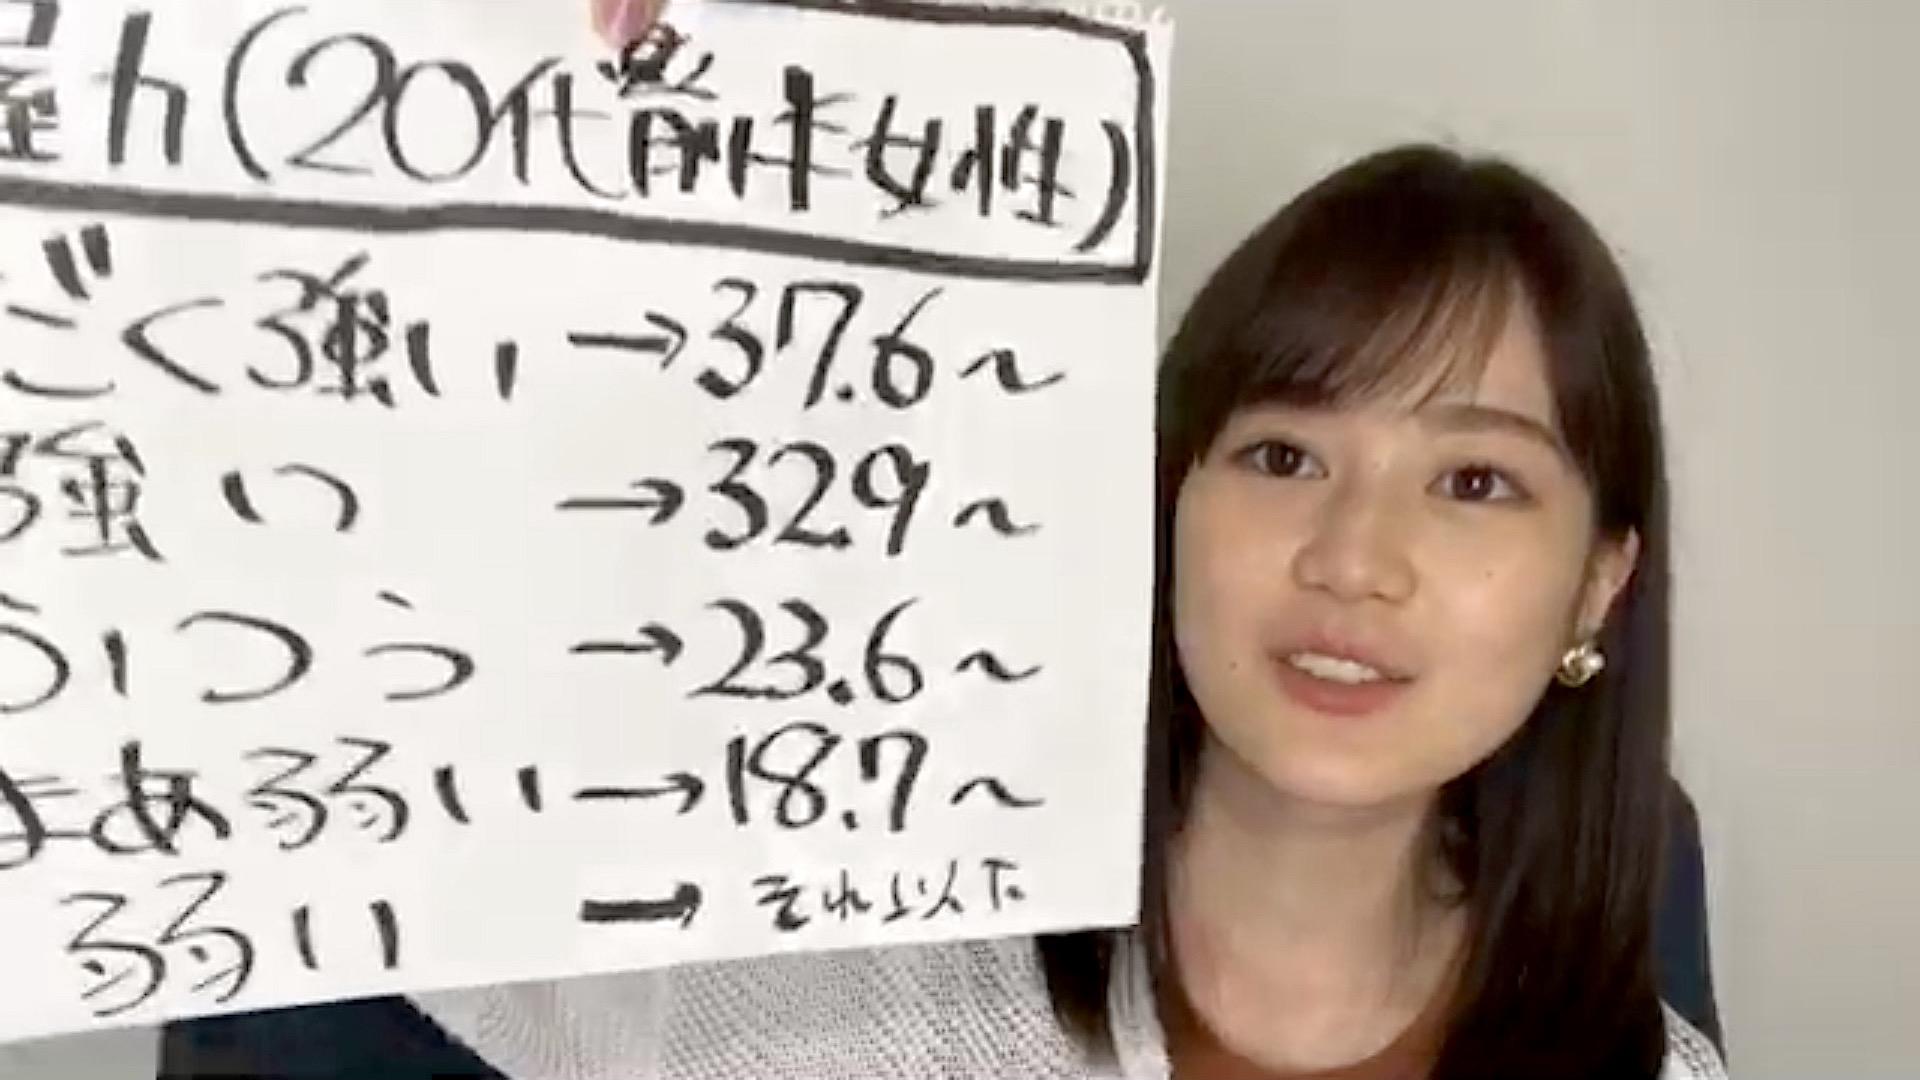 のぎおび⊿】生田絵梨花、握力測定で40kg超え「元々13kgだったりする」 - 乃木坂46通信